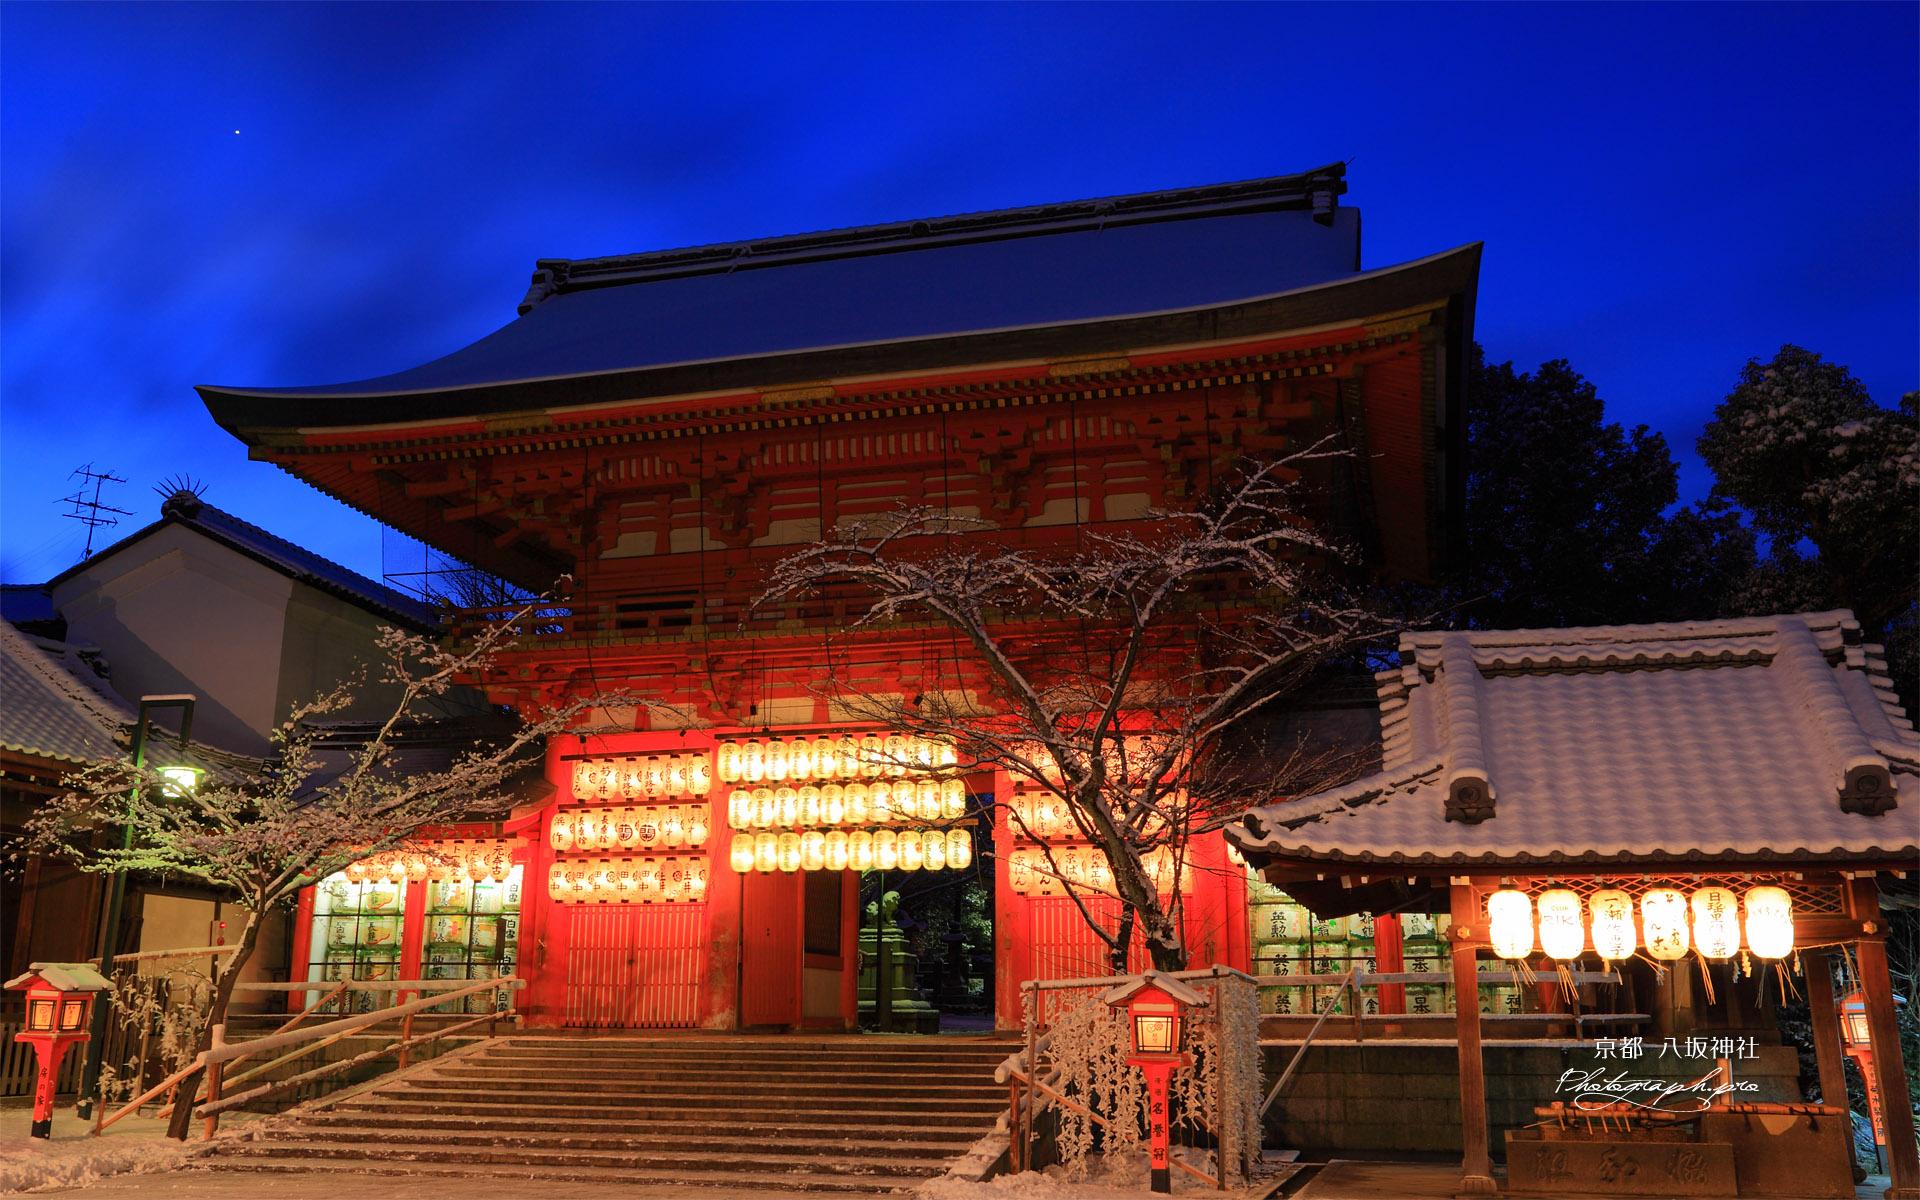 八坂神社 雪化粧の南楼門の ... : プリント 素材 : プリント